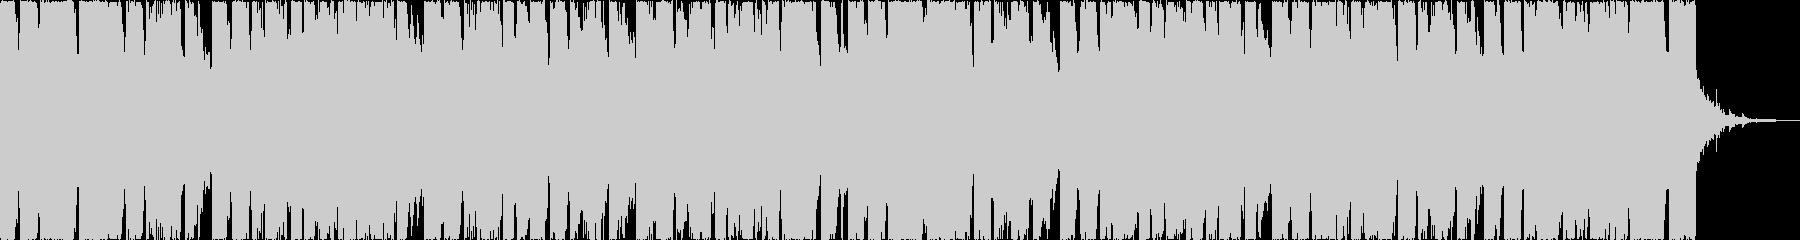 チルアウト軽快爽やかなトロピカルハウスcの未再生の波形